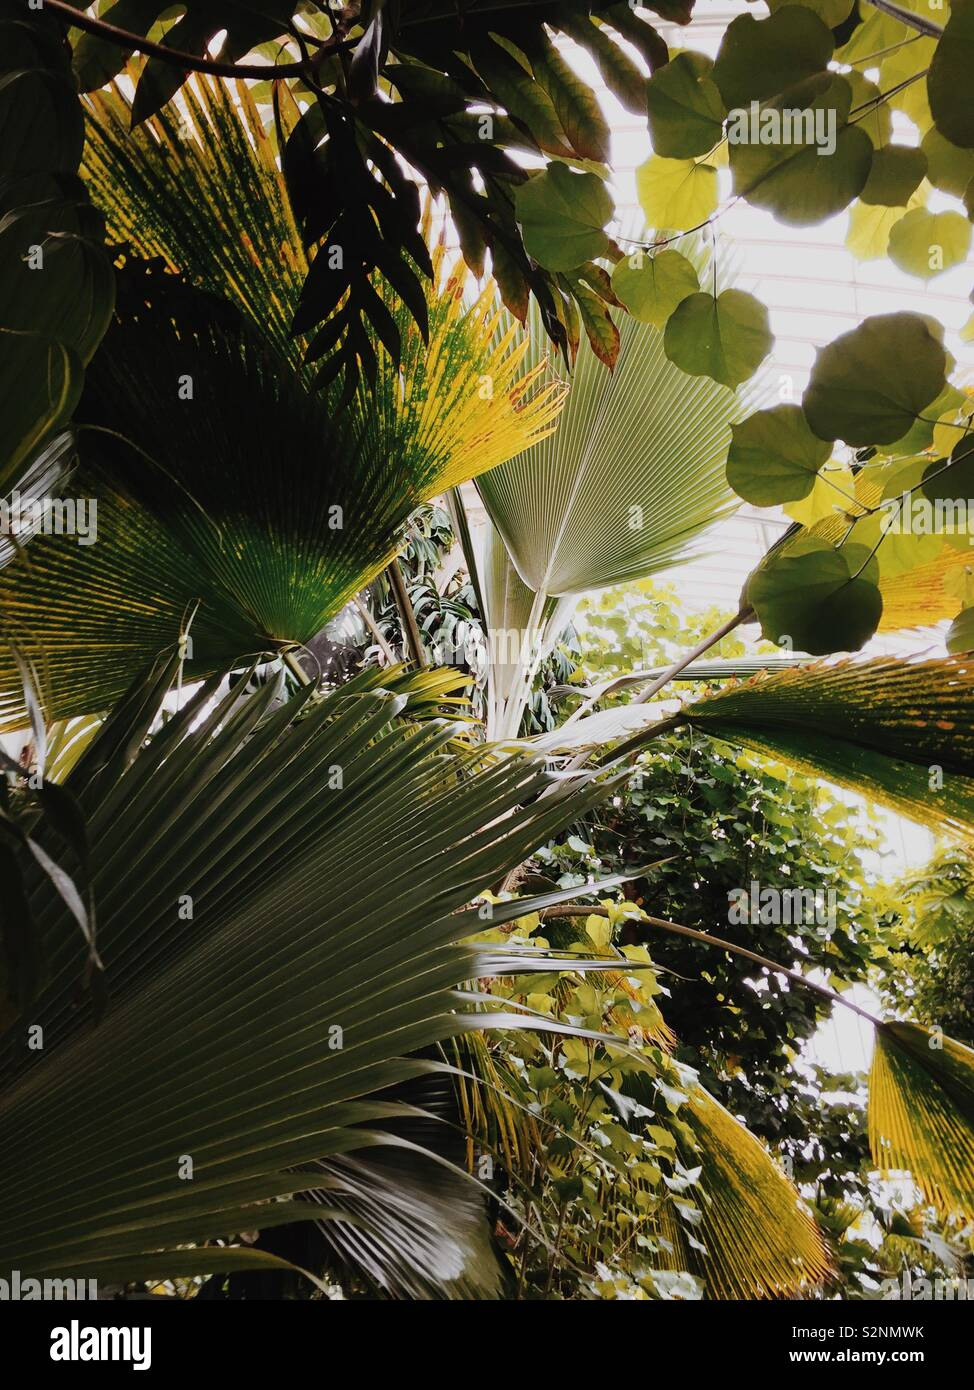 Hojas de palmera gigante en invernadero en el Jardín Botánico de Kew Imagen De Stock